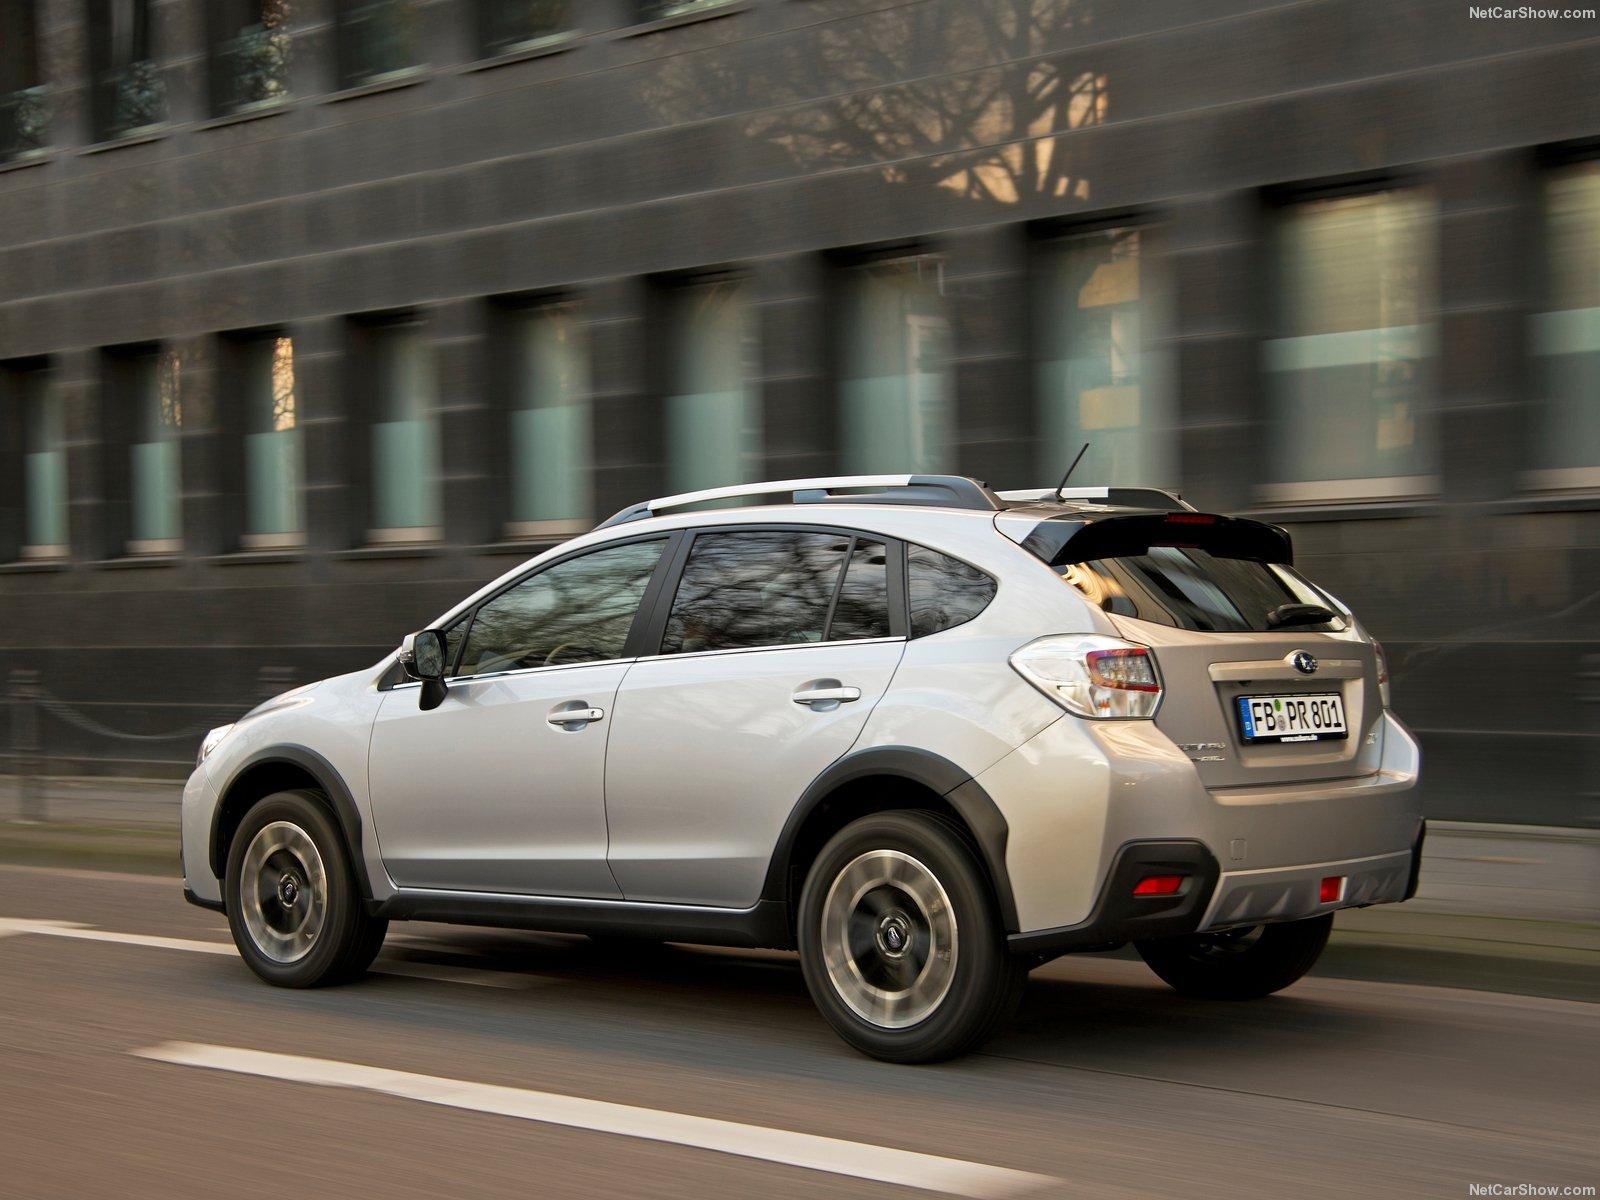 Новый Subaru Crosstrek 2019 модельного года. Технические характеристики, цена, фото, тест драйв, старт продаж, последние новости картинки